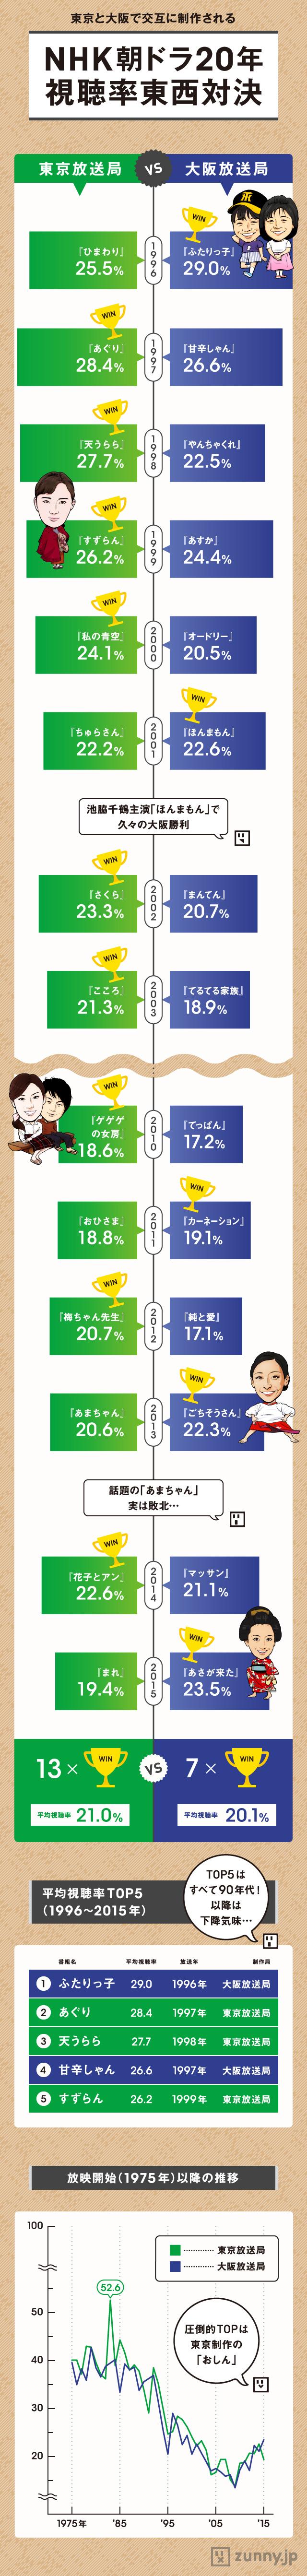 インフォグラフィック:NHK朝ドラ歴代ヒロインと朝の連続テレビ小説一覧